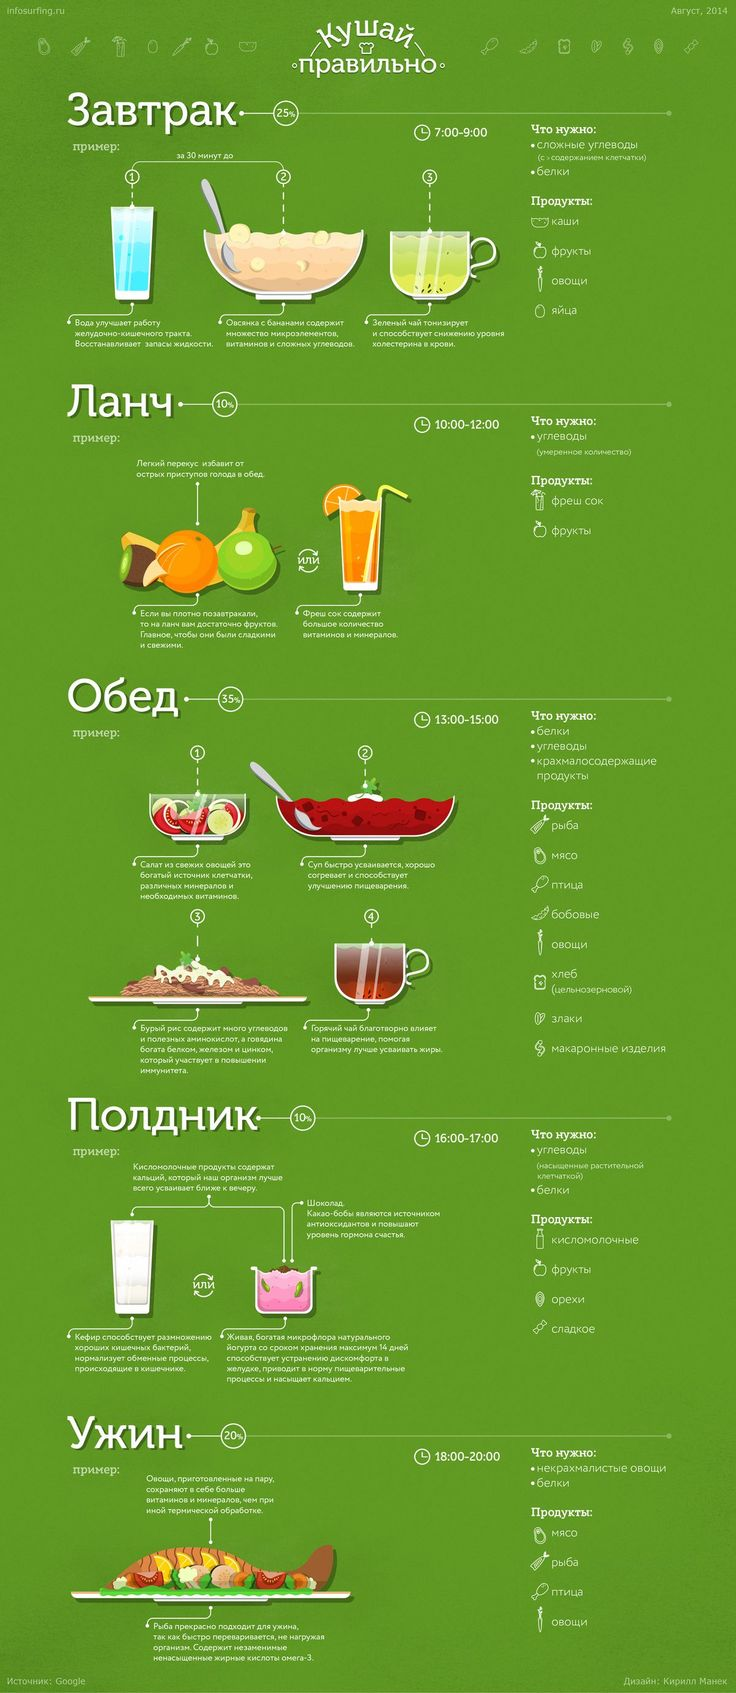 Рецепт из цветной капусты в картинках